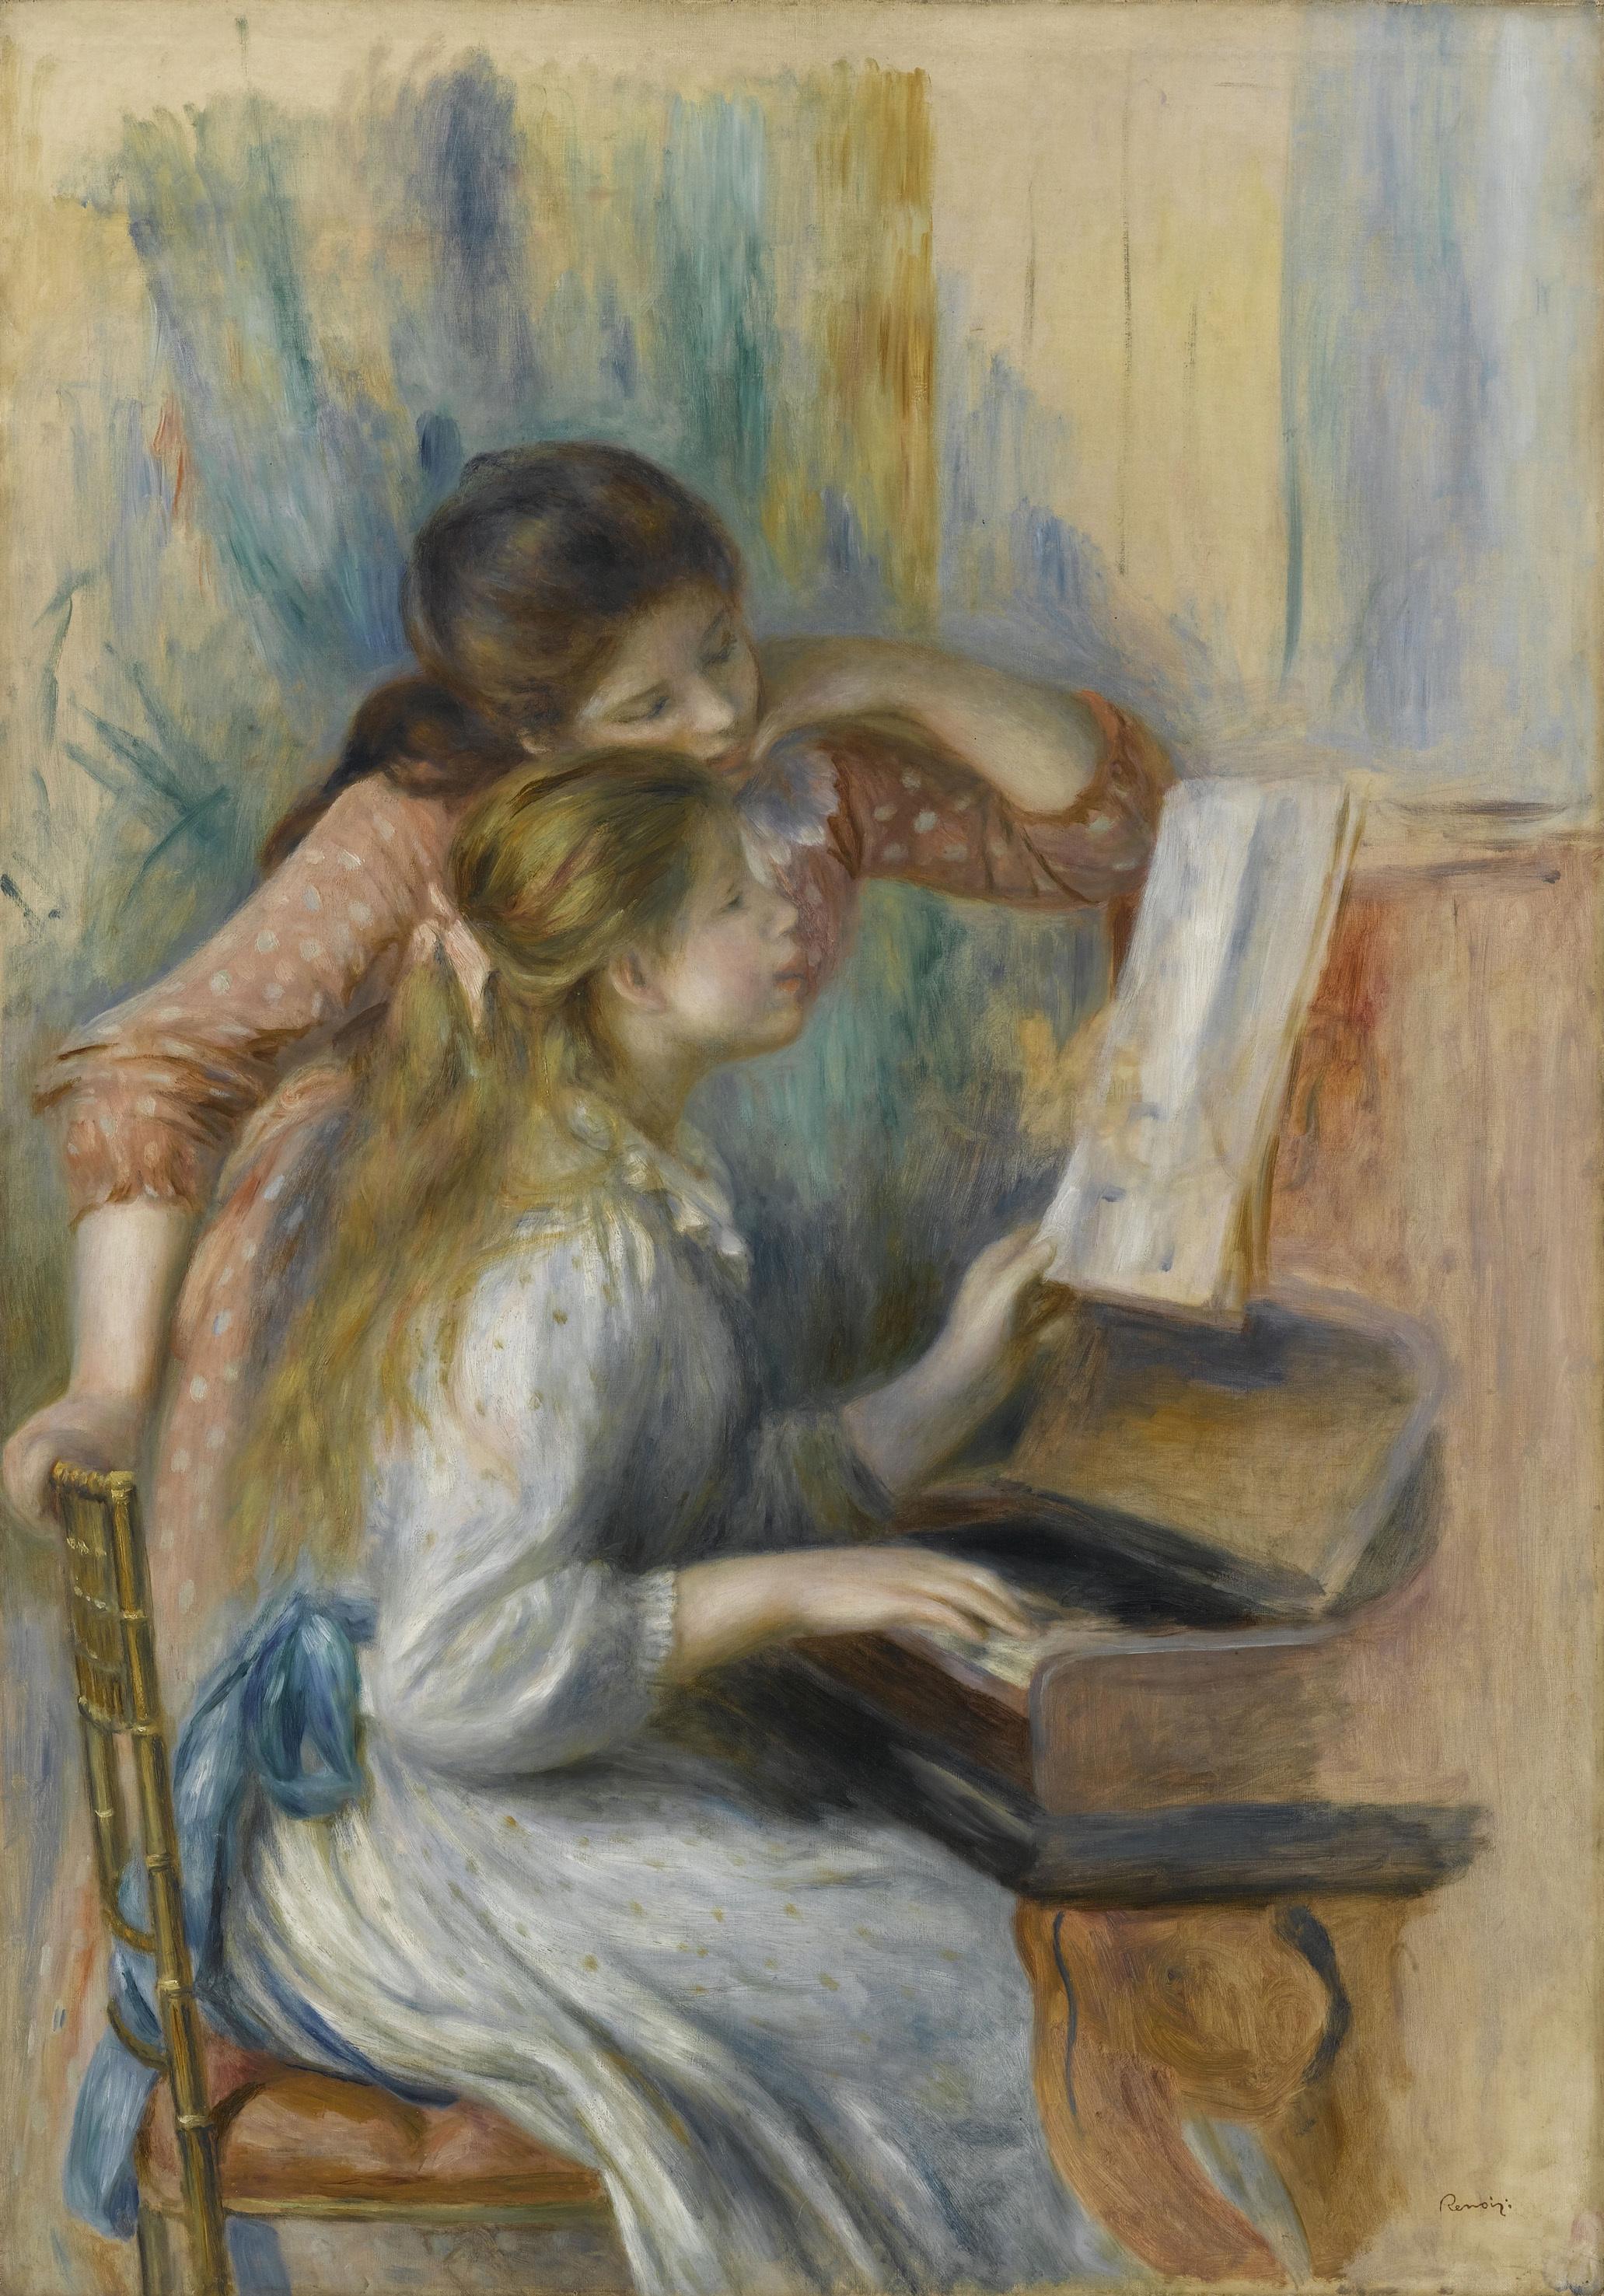 オーギュスト・ルノワール《ピアノを弾く少女たち》1892年頃、油彩・カンヴァス、116×81cm、オランジュリー美術館  (C) RMN-Grand Palais (musée de l'Orangerie) / Franck Raux